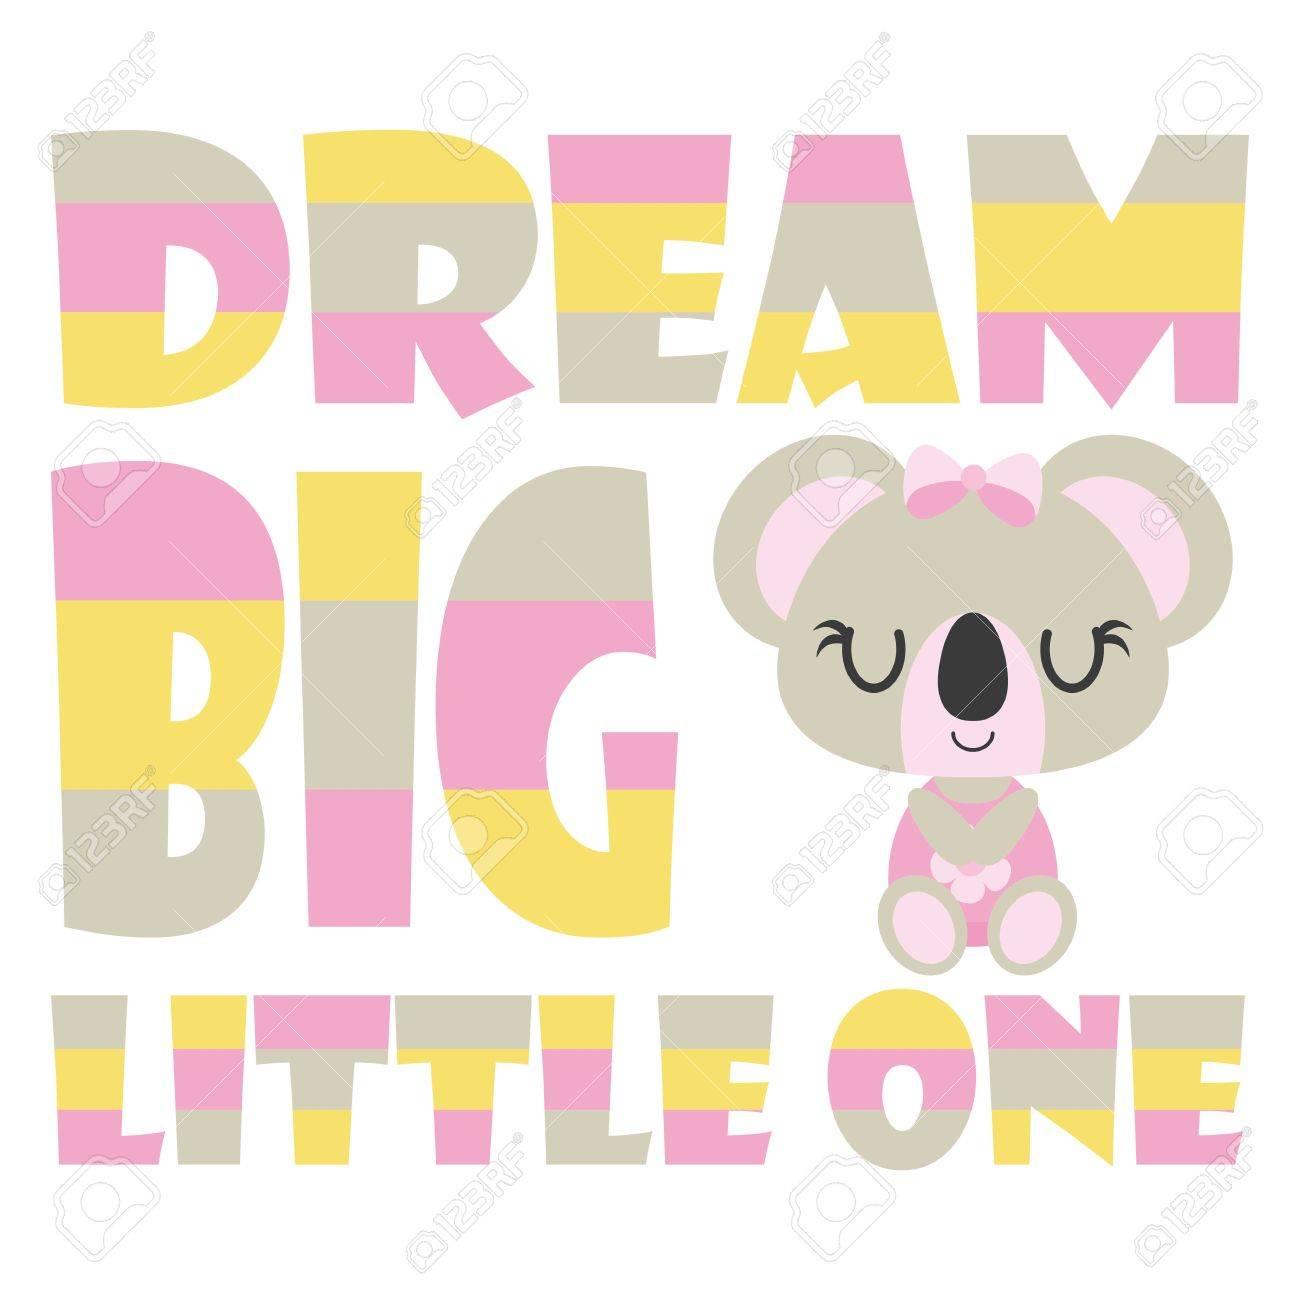 Mignon Bébé Koala Avec Rêve Gros Petit Un Texte Vecteur Bande Dessinée Illustration Pour La Conception De Carte De Douche De Bébé Kid T Shirt Design